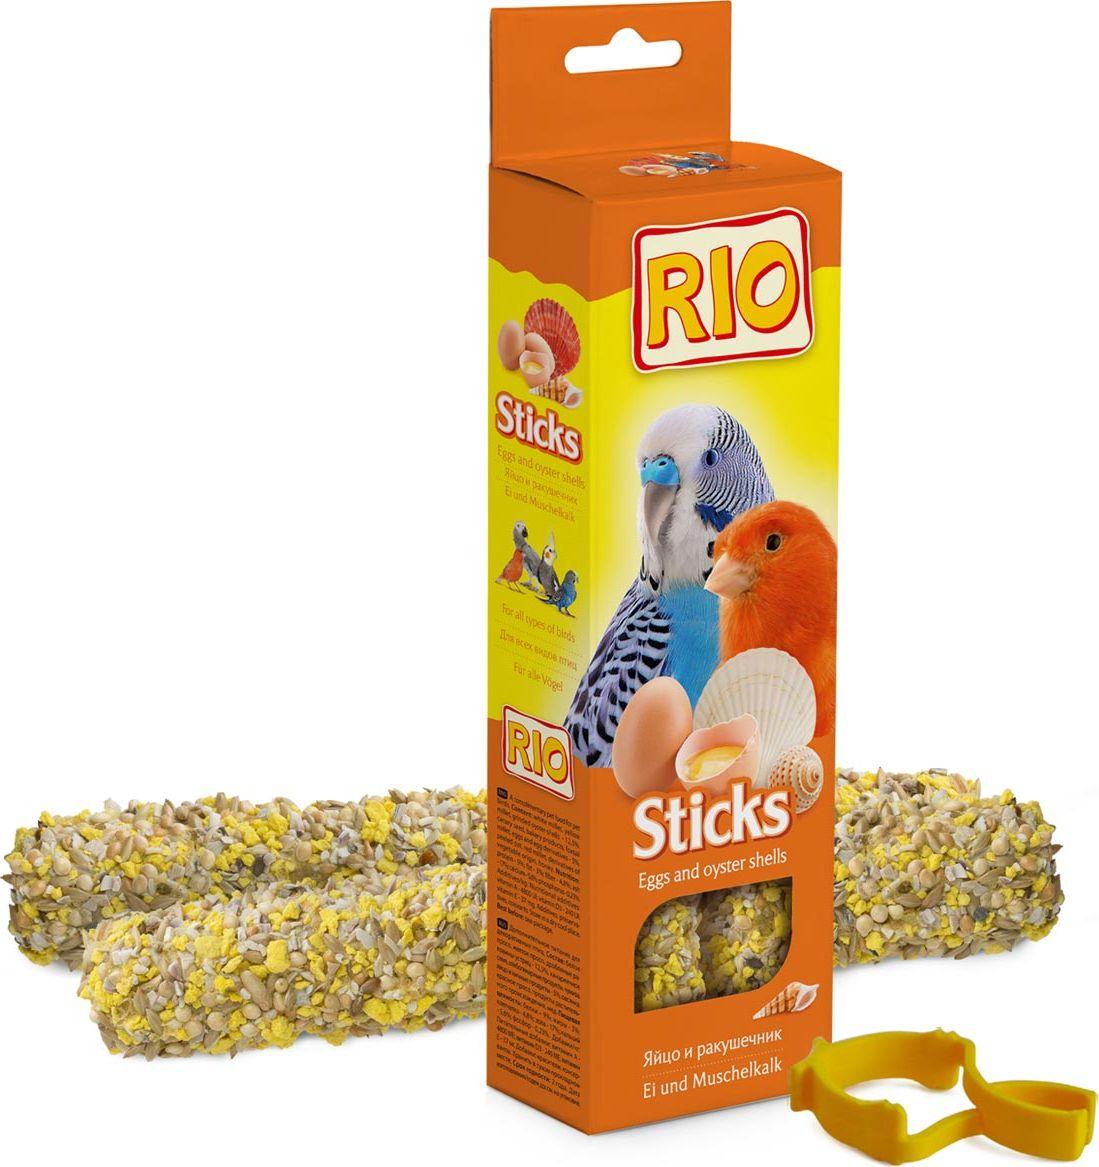 Лакомство для всех видов птиц RIO Sticks, с яйцом и ракушечником, 2 х 40 г0120710Лакомство RIO Sticks с яйцом и ракушечником - это дополнительное питание для всех видов птиц. В процессе производства палочки запекают в специальных печах особым способом, это обеспечивает превосходный вкус и хрустящую консистенцию.Лакомство имеет буковый стержень, который отлично подходит для чистки клюва.В комплект входит съемный держатель.Товар сертифицирован.